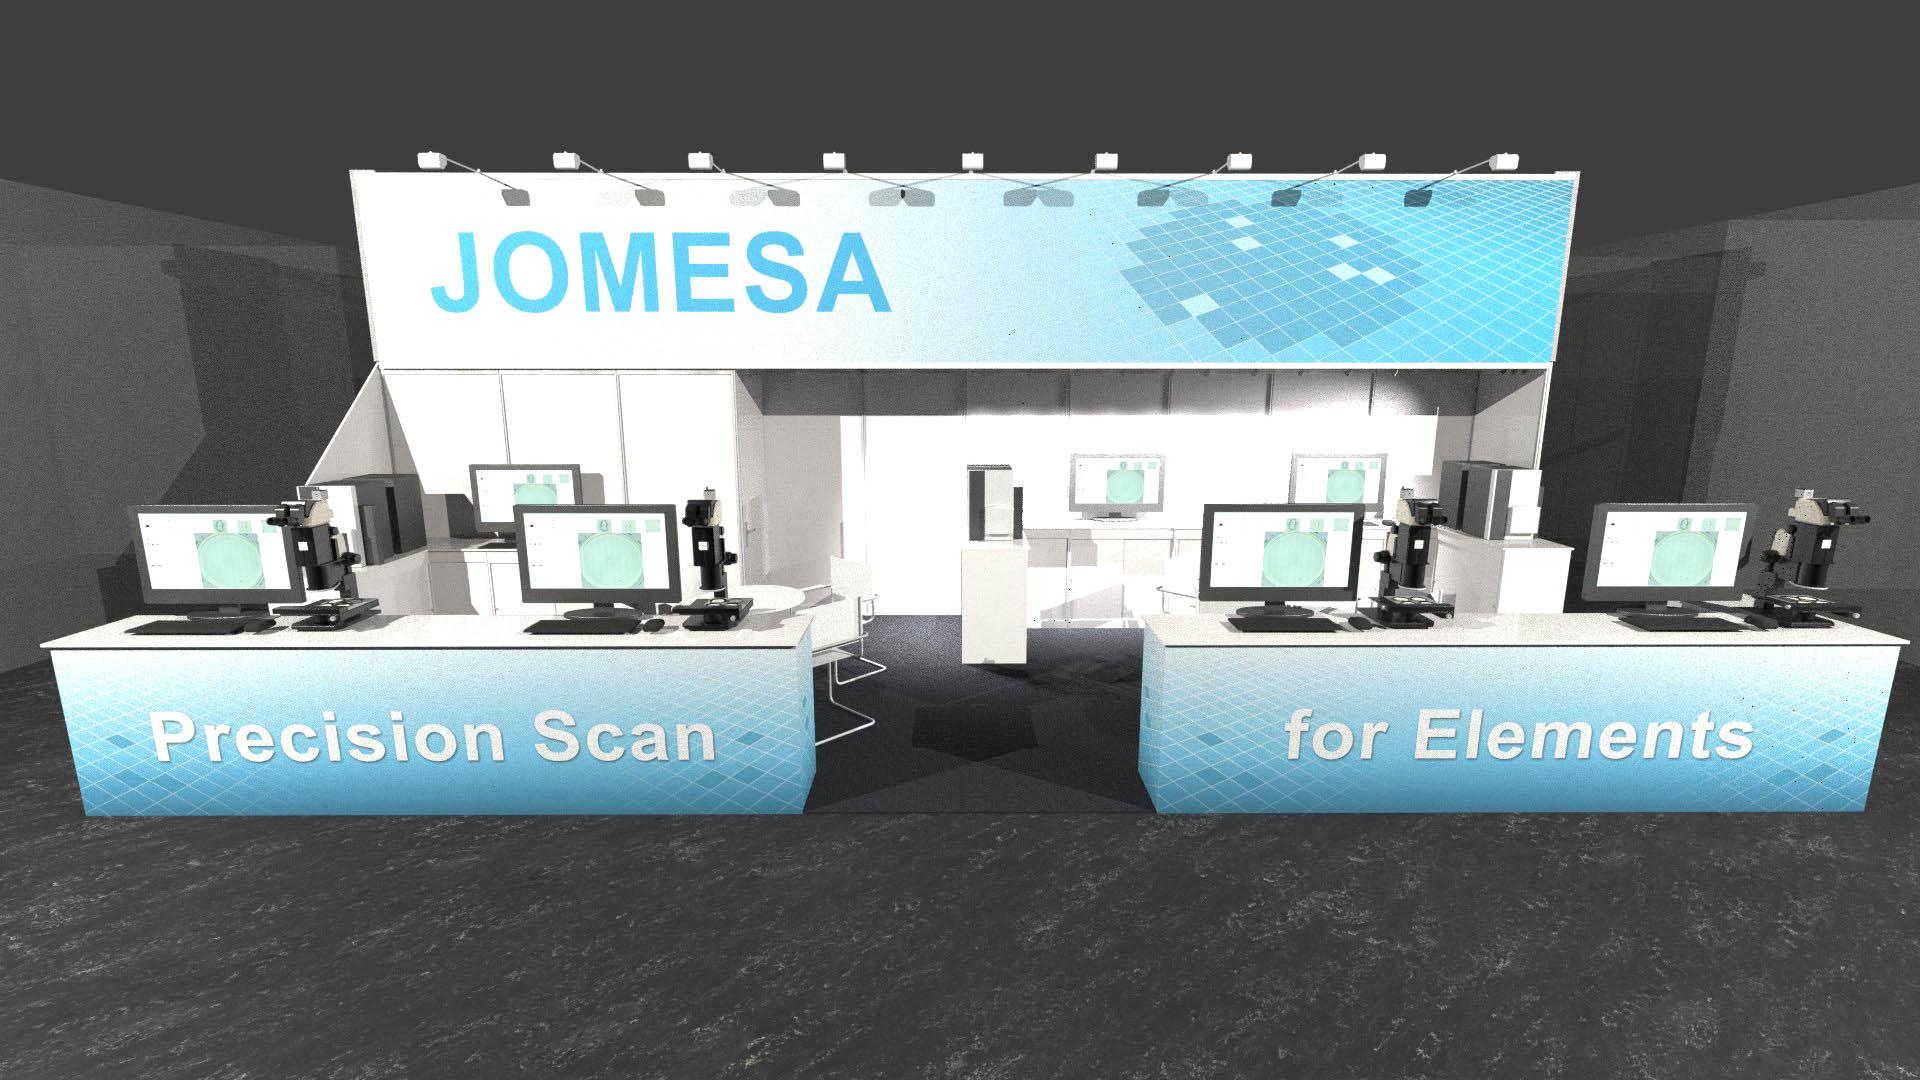 JOMESA Messestand PTC 2019 - 3D-Ansicht 4